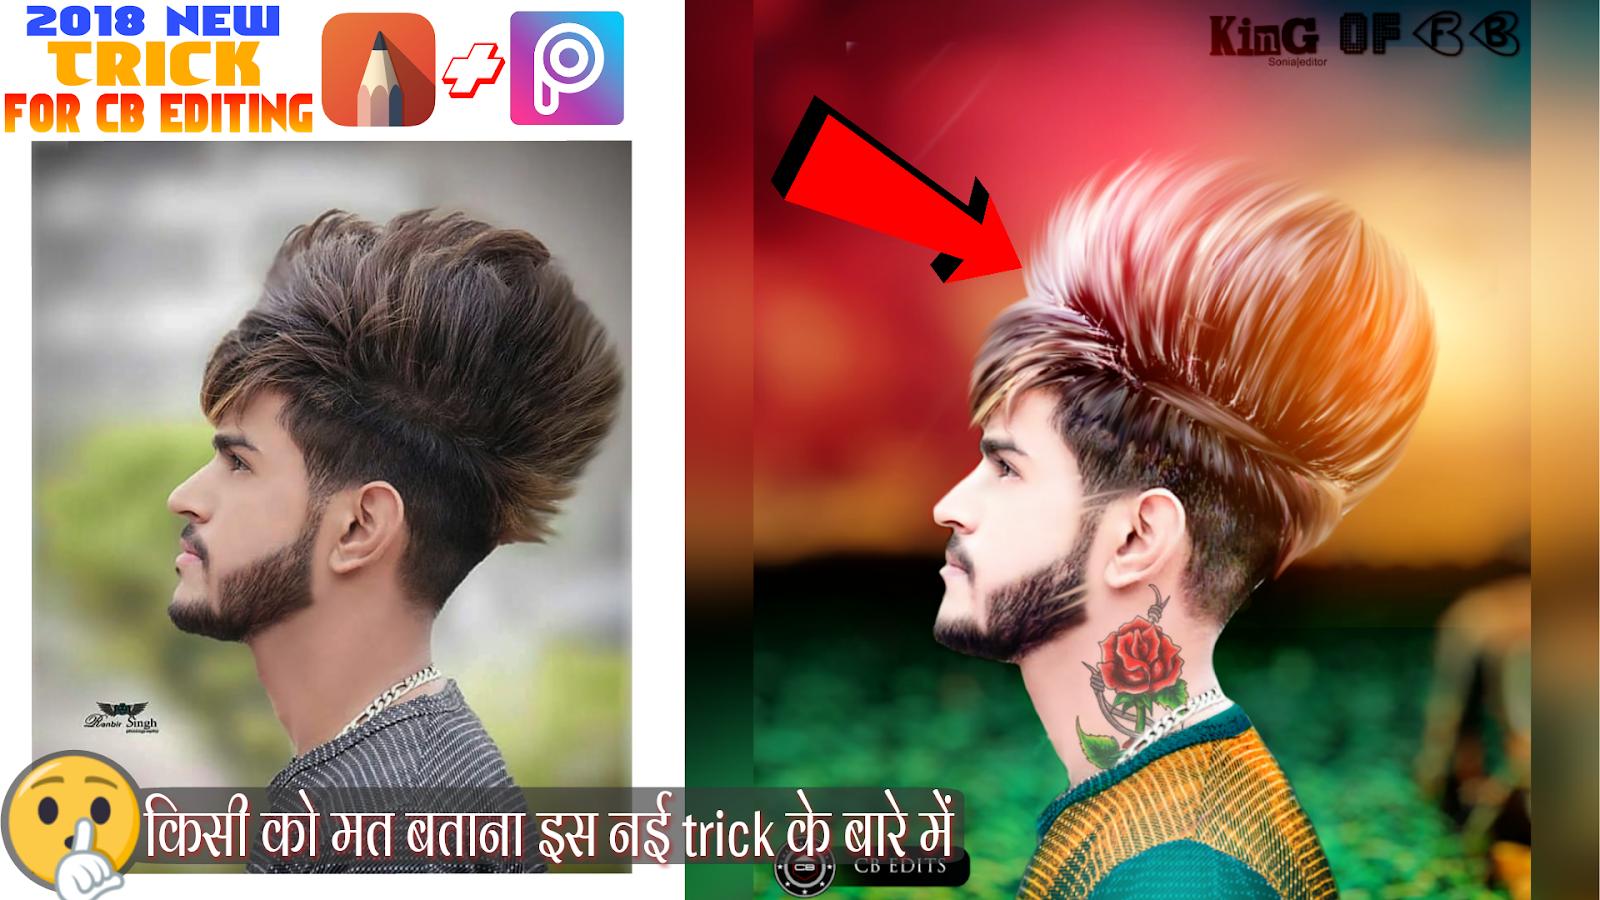 picsart photo studio apk download mobile9